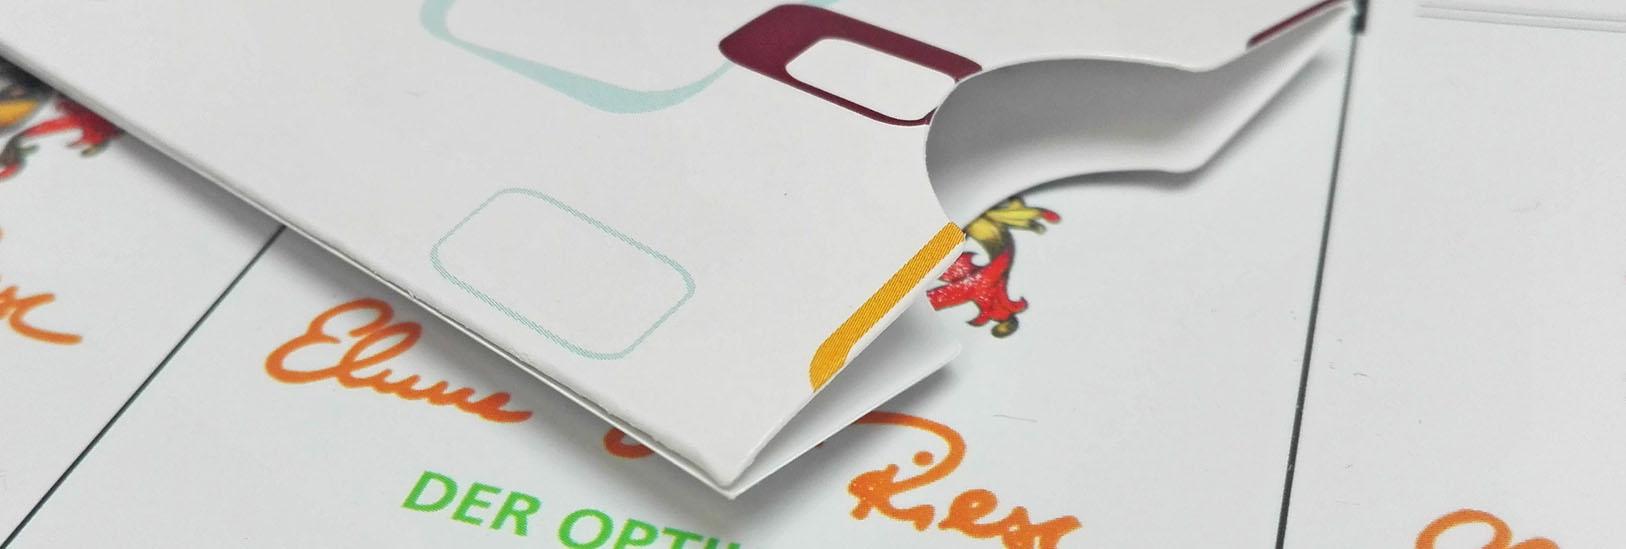 Digitaldruckerei in Rutesheim bei Leonberg im Raum Stuttgart Scheckkartenhüllen drucken lassen